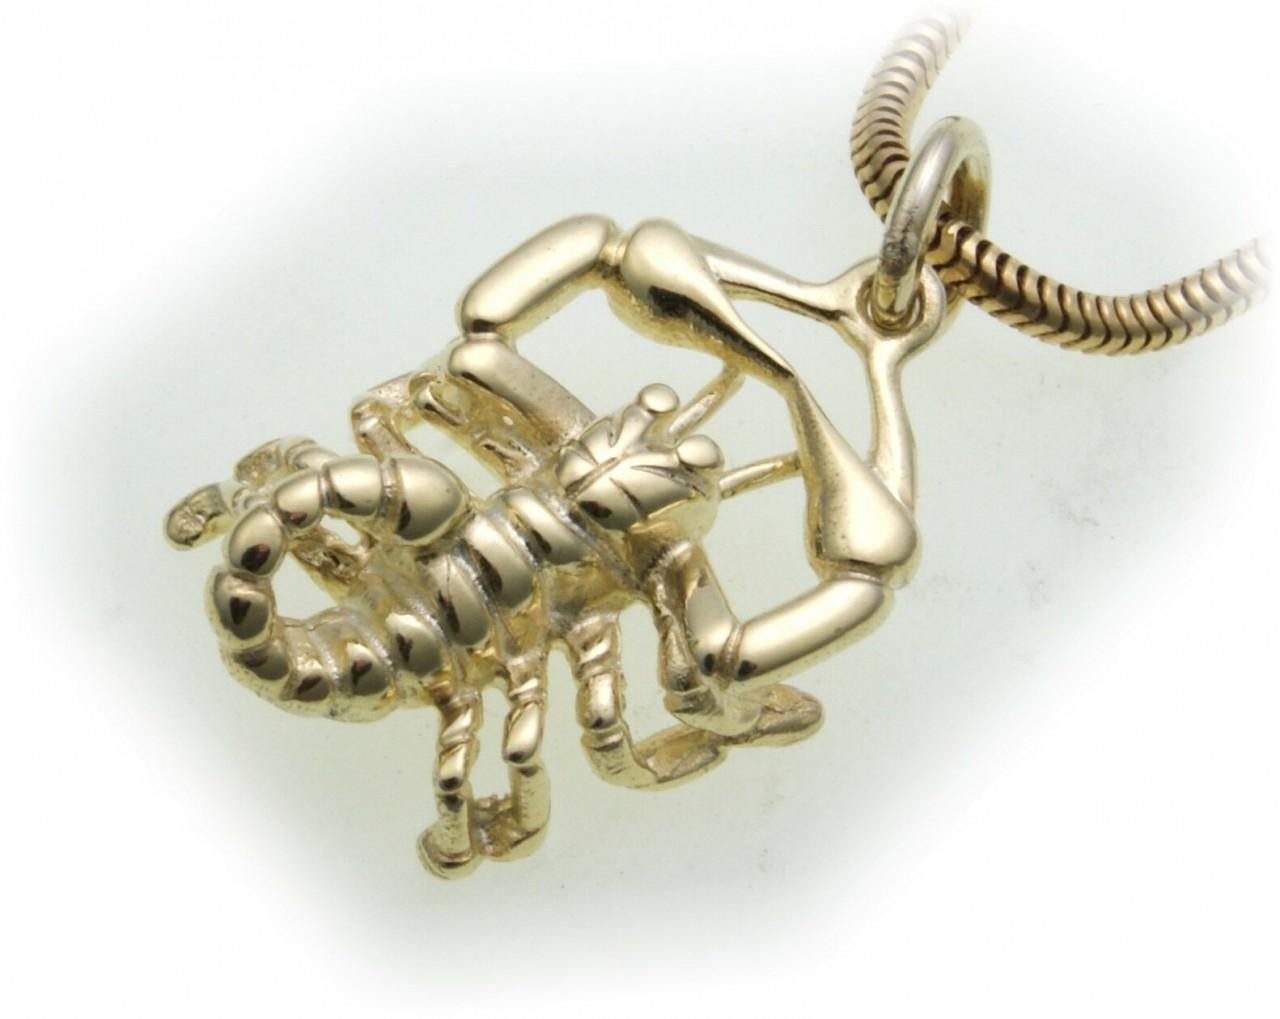 Anhänger Sternzeichen Skorpion echt Gold 333 massiv 8kt Tierkreiszeichen